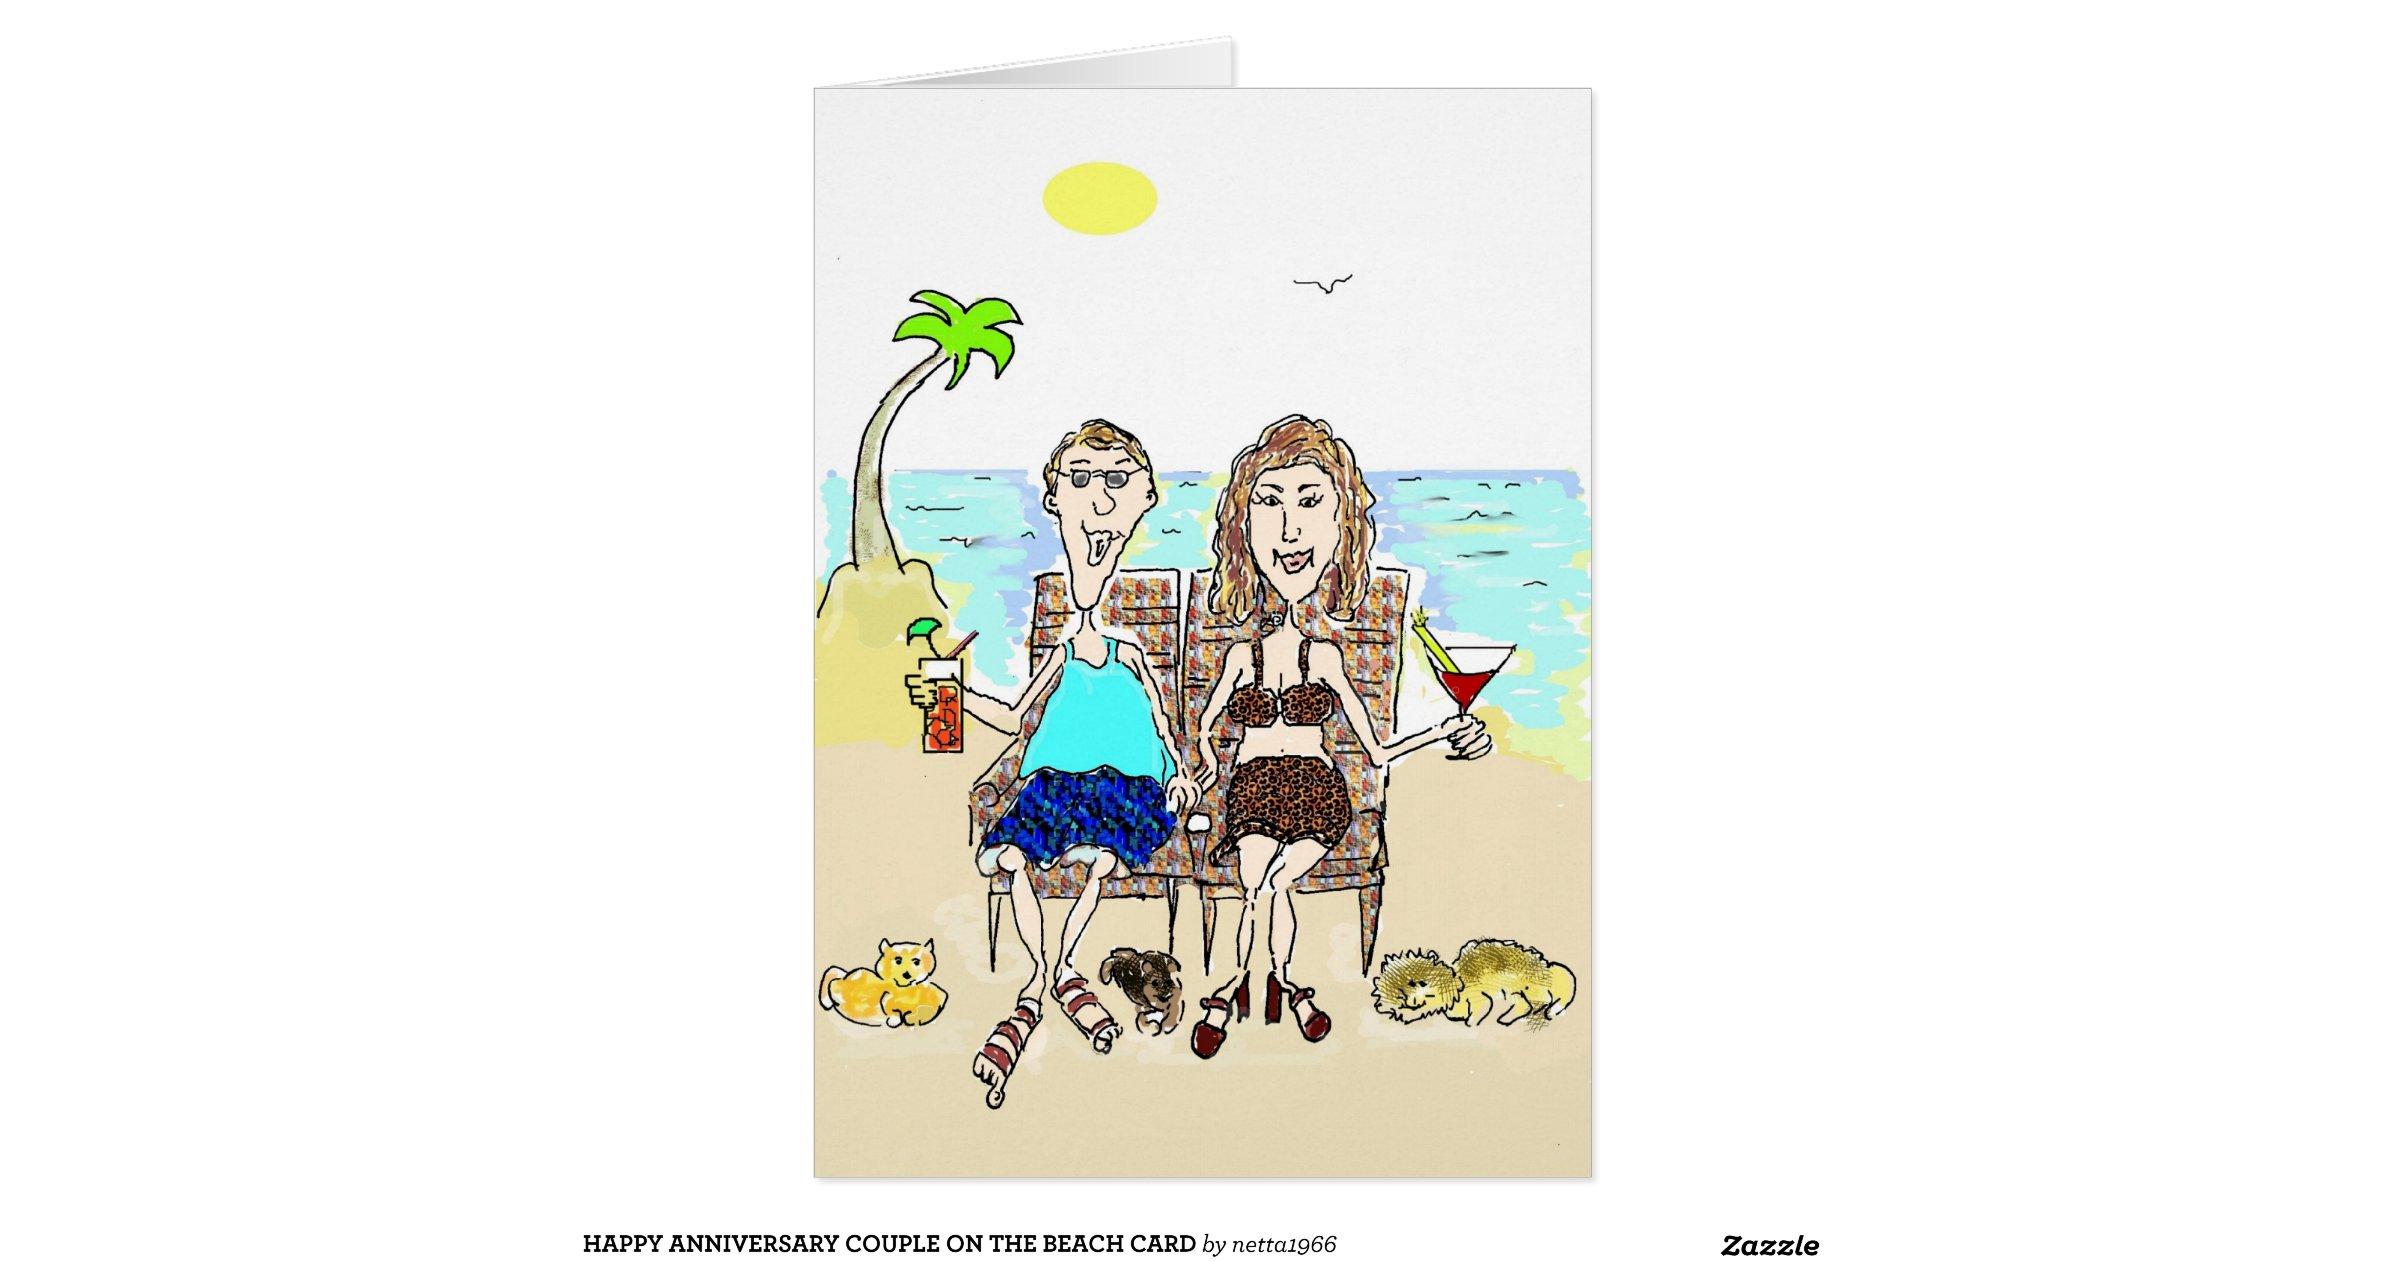 Happy Anniversary Couple on